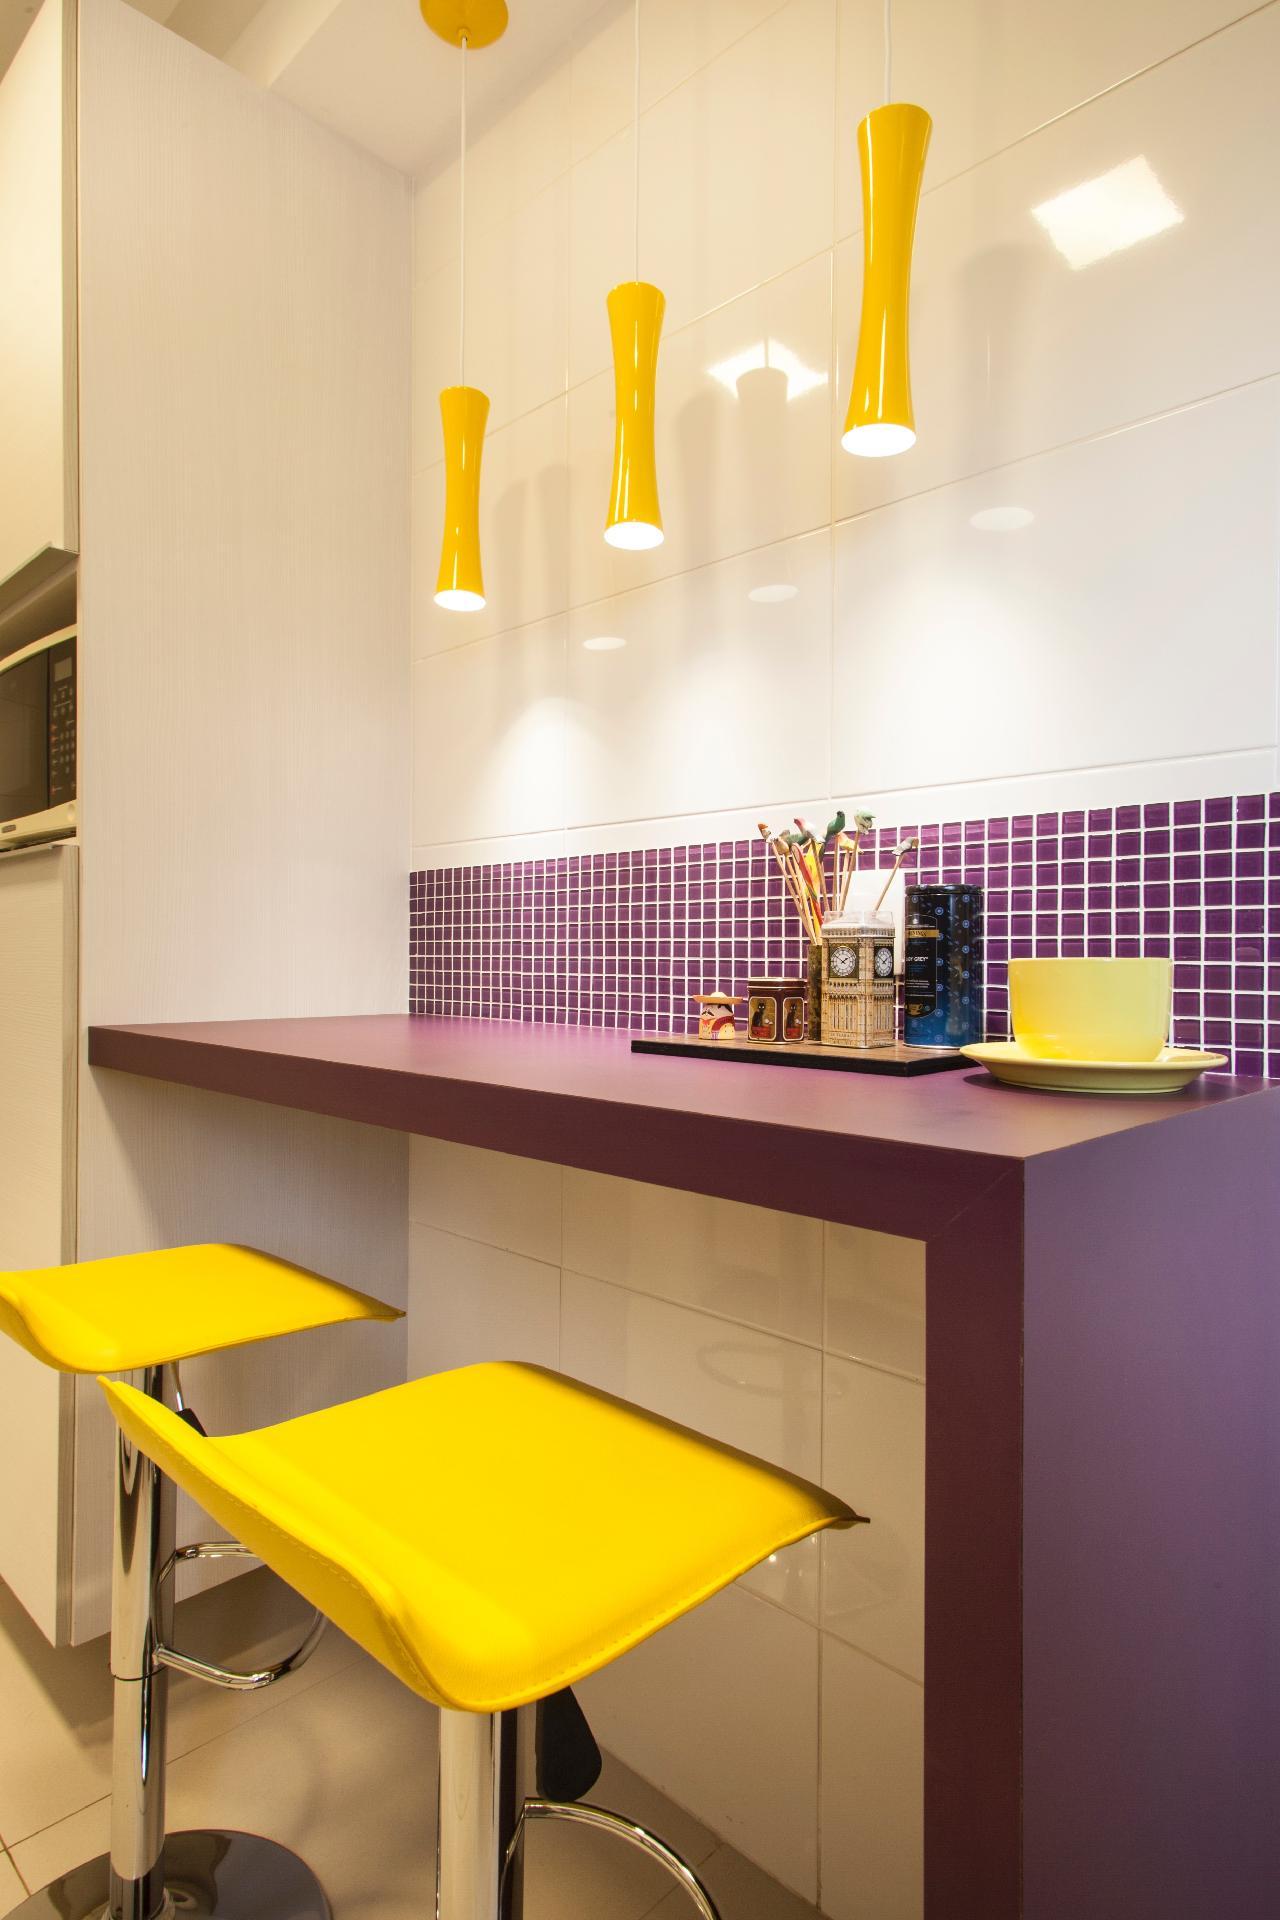 É possível criar um espaço divertido para refeições a dois brincando com cores fortes e diferentes revestimentos. Neste ambiente assinado pelas arquitetas Luciana Correa e Elaine Delegredo, roxo e amarelo se alternam nas banquetas, bancada,  pendentes e objetos